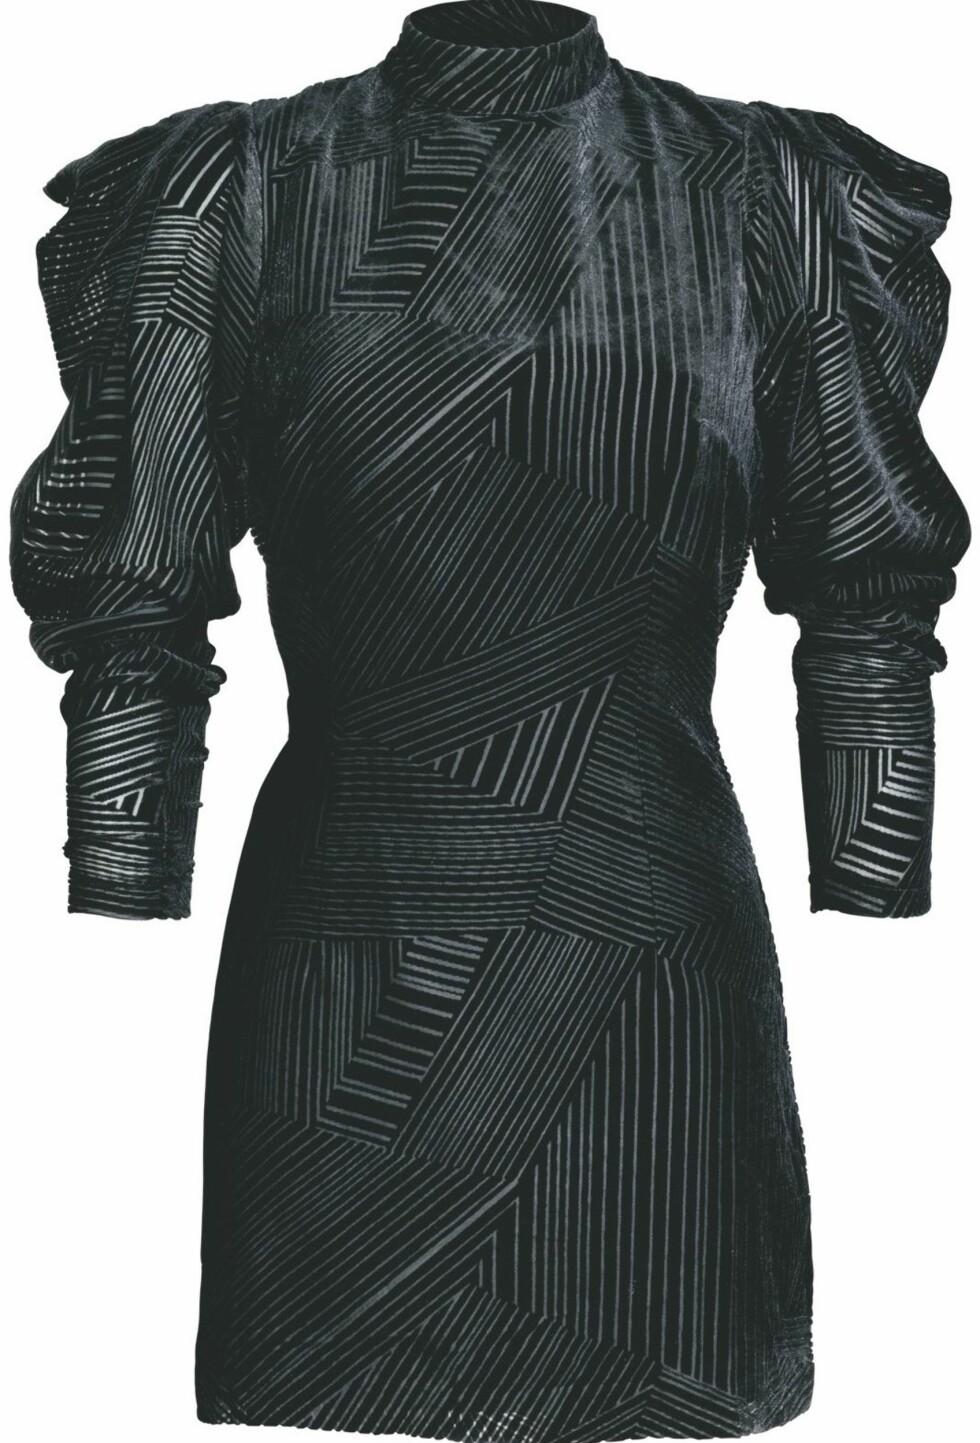 Skulpturert kjole med hals (kr 500, H&M).